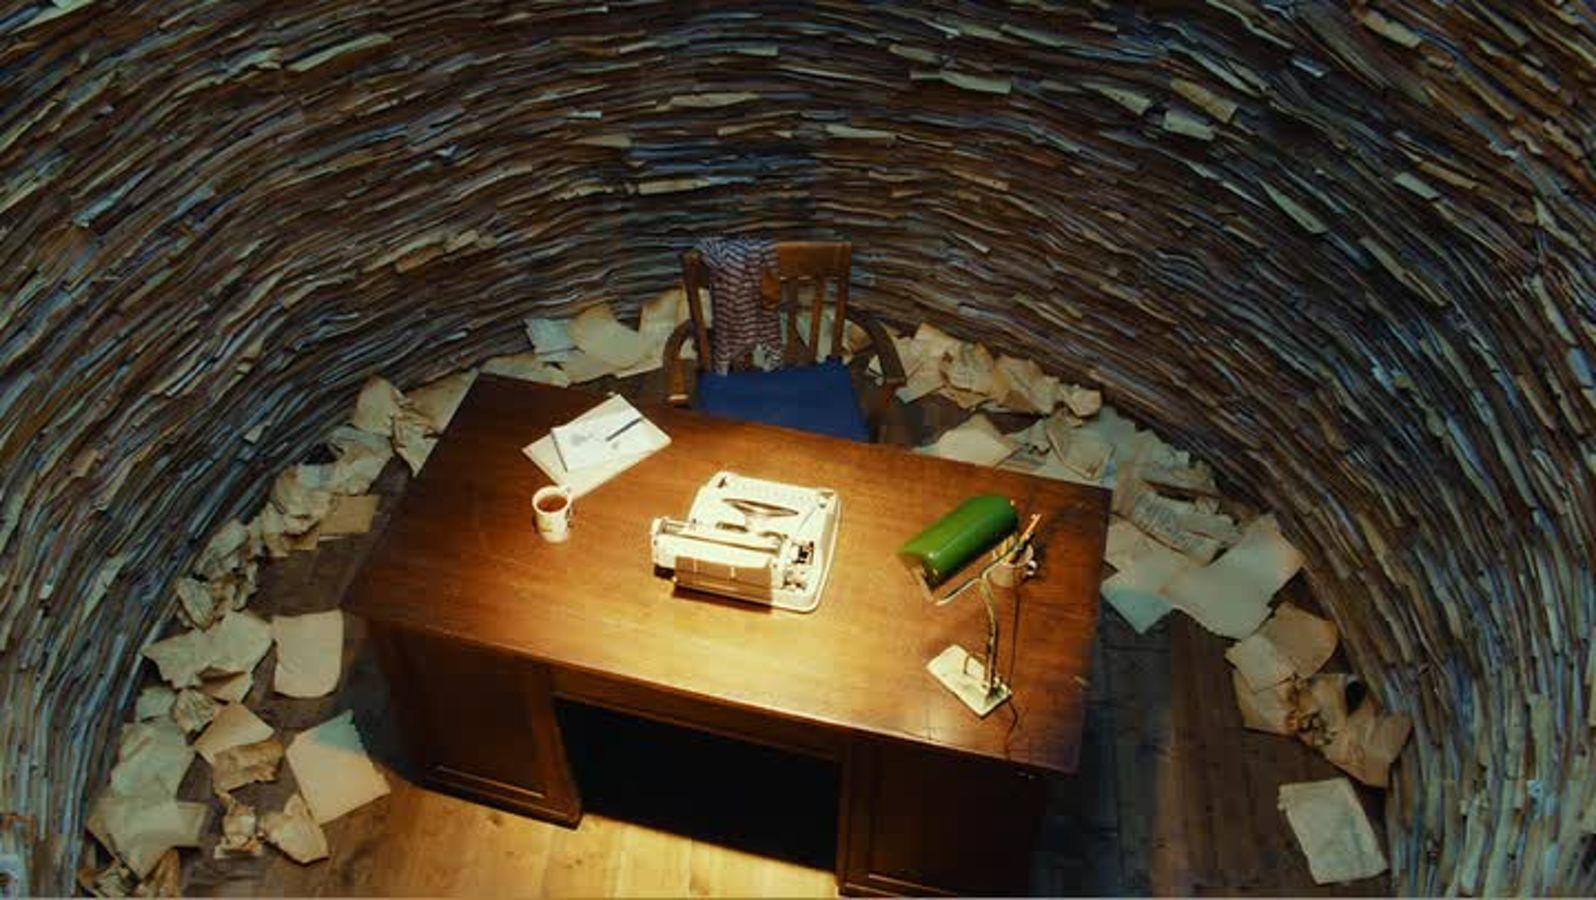 Museum of Procrastination